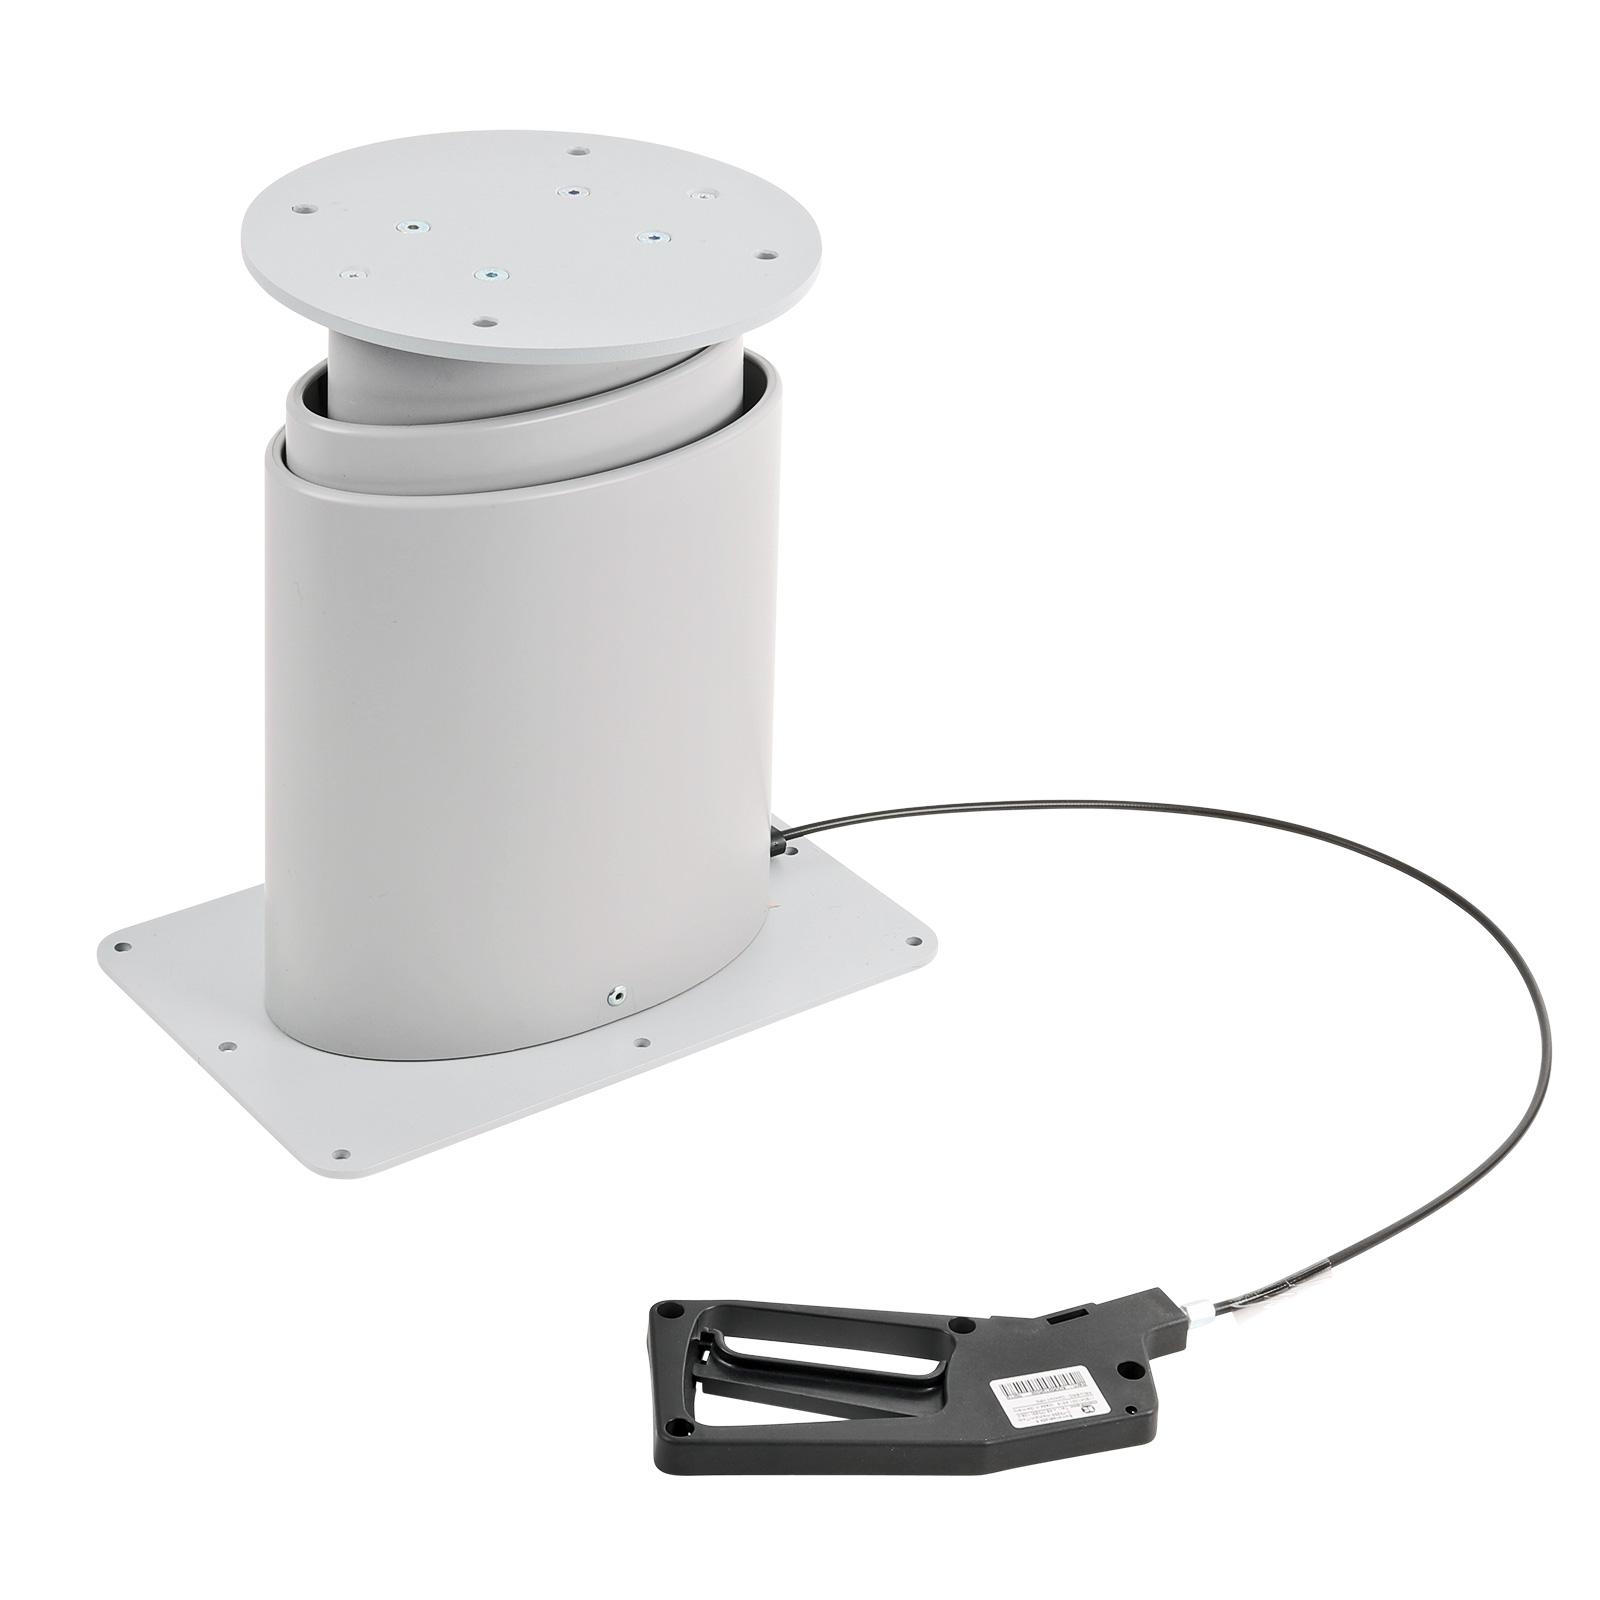 Einsäulen Hubtisch | stufenlos | höheneinstellbar | 310-670mm | Schlafnutzung